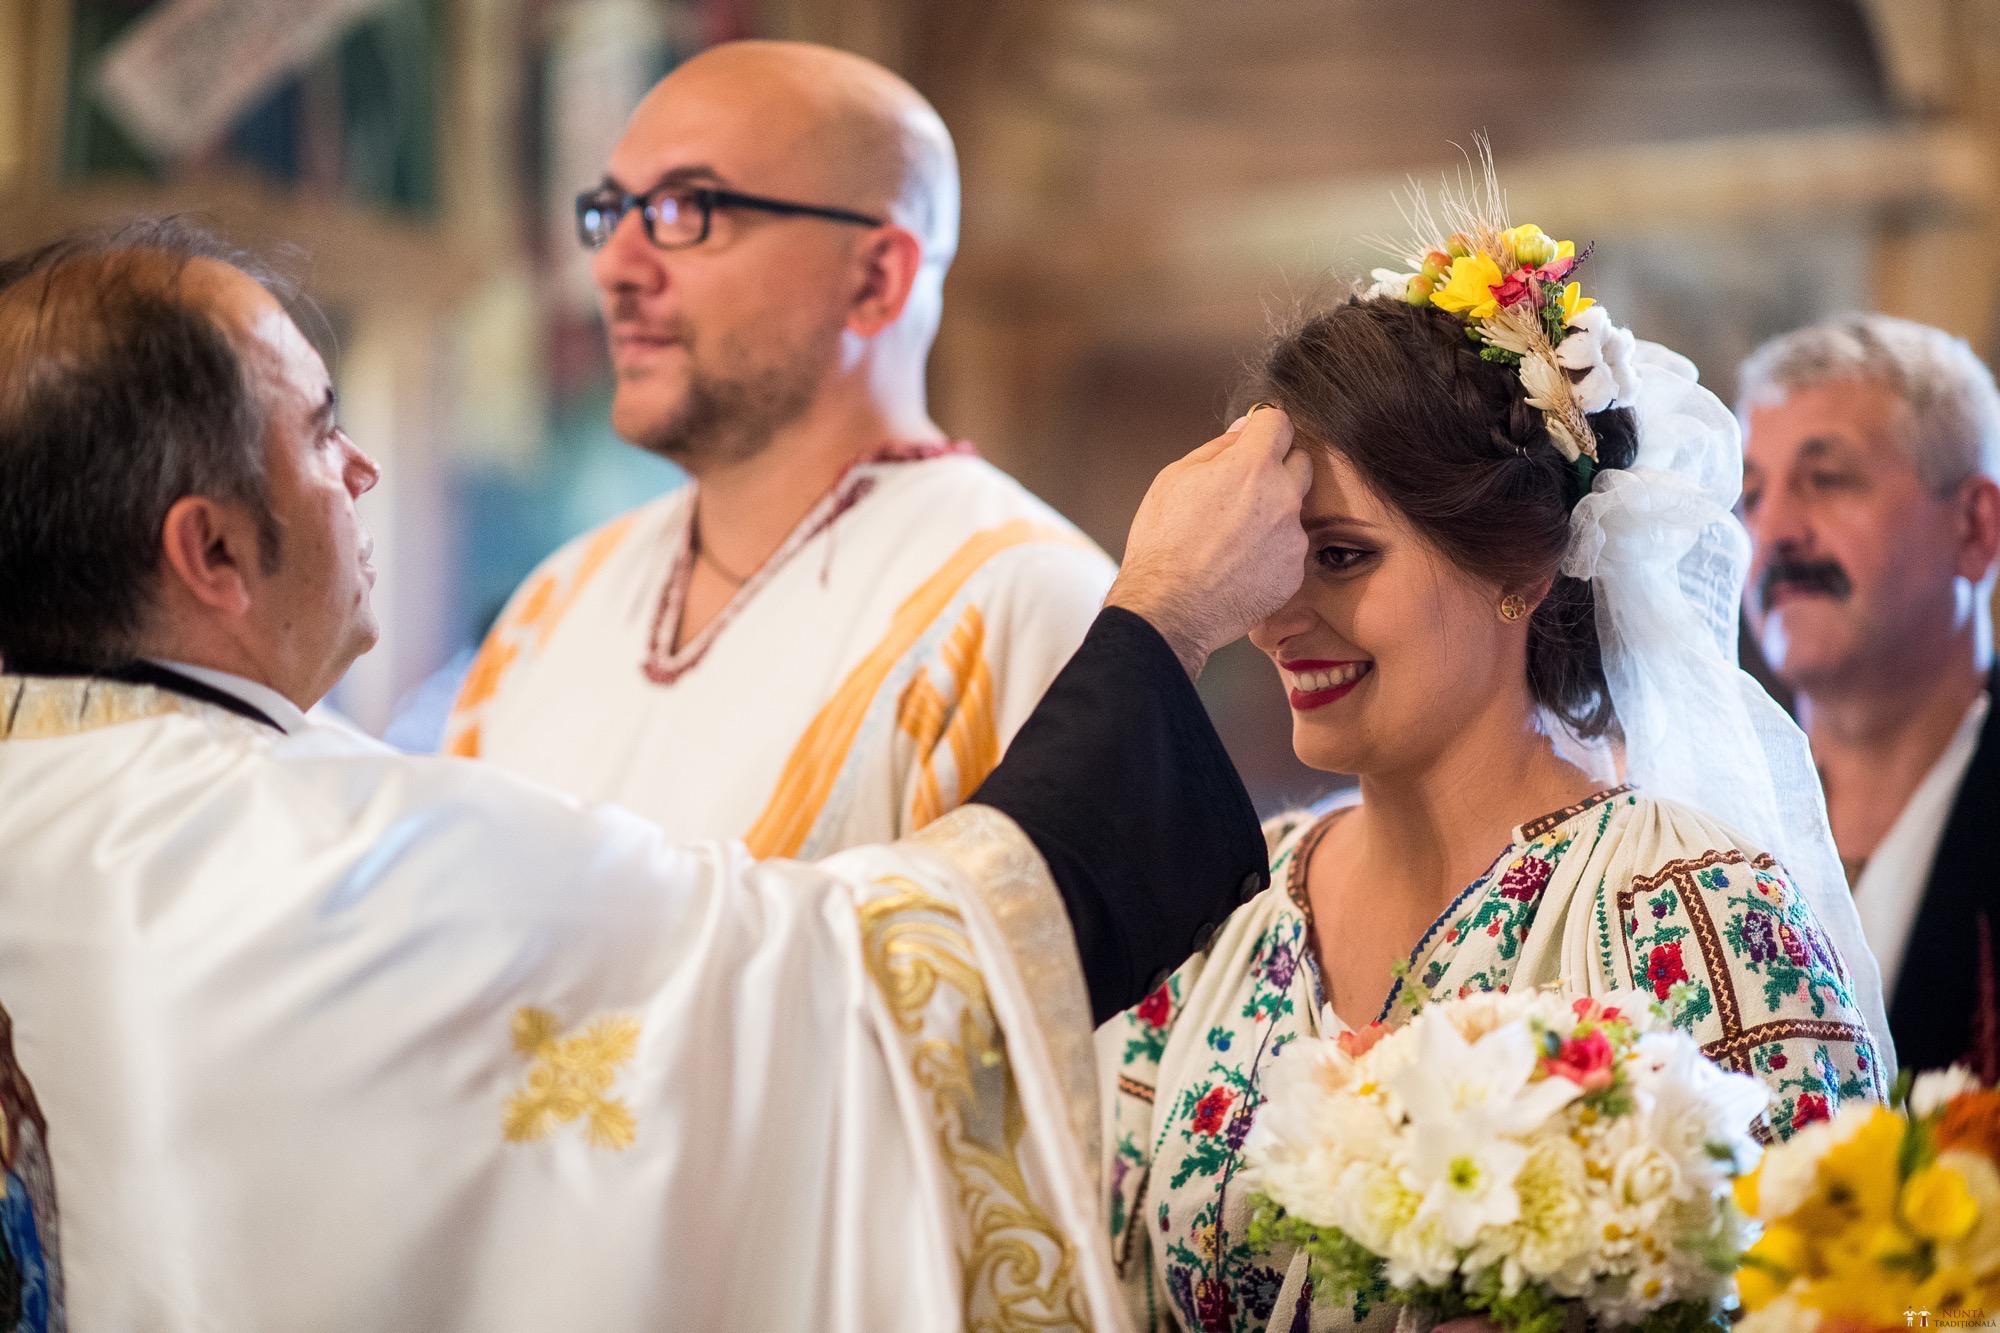 Povești Nunți Tradiționale - Ioana și Andrei. Nuntă tradițională în București. 19